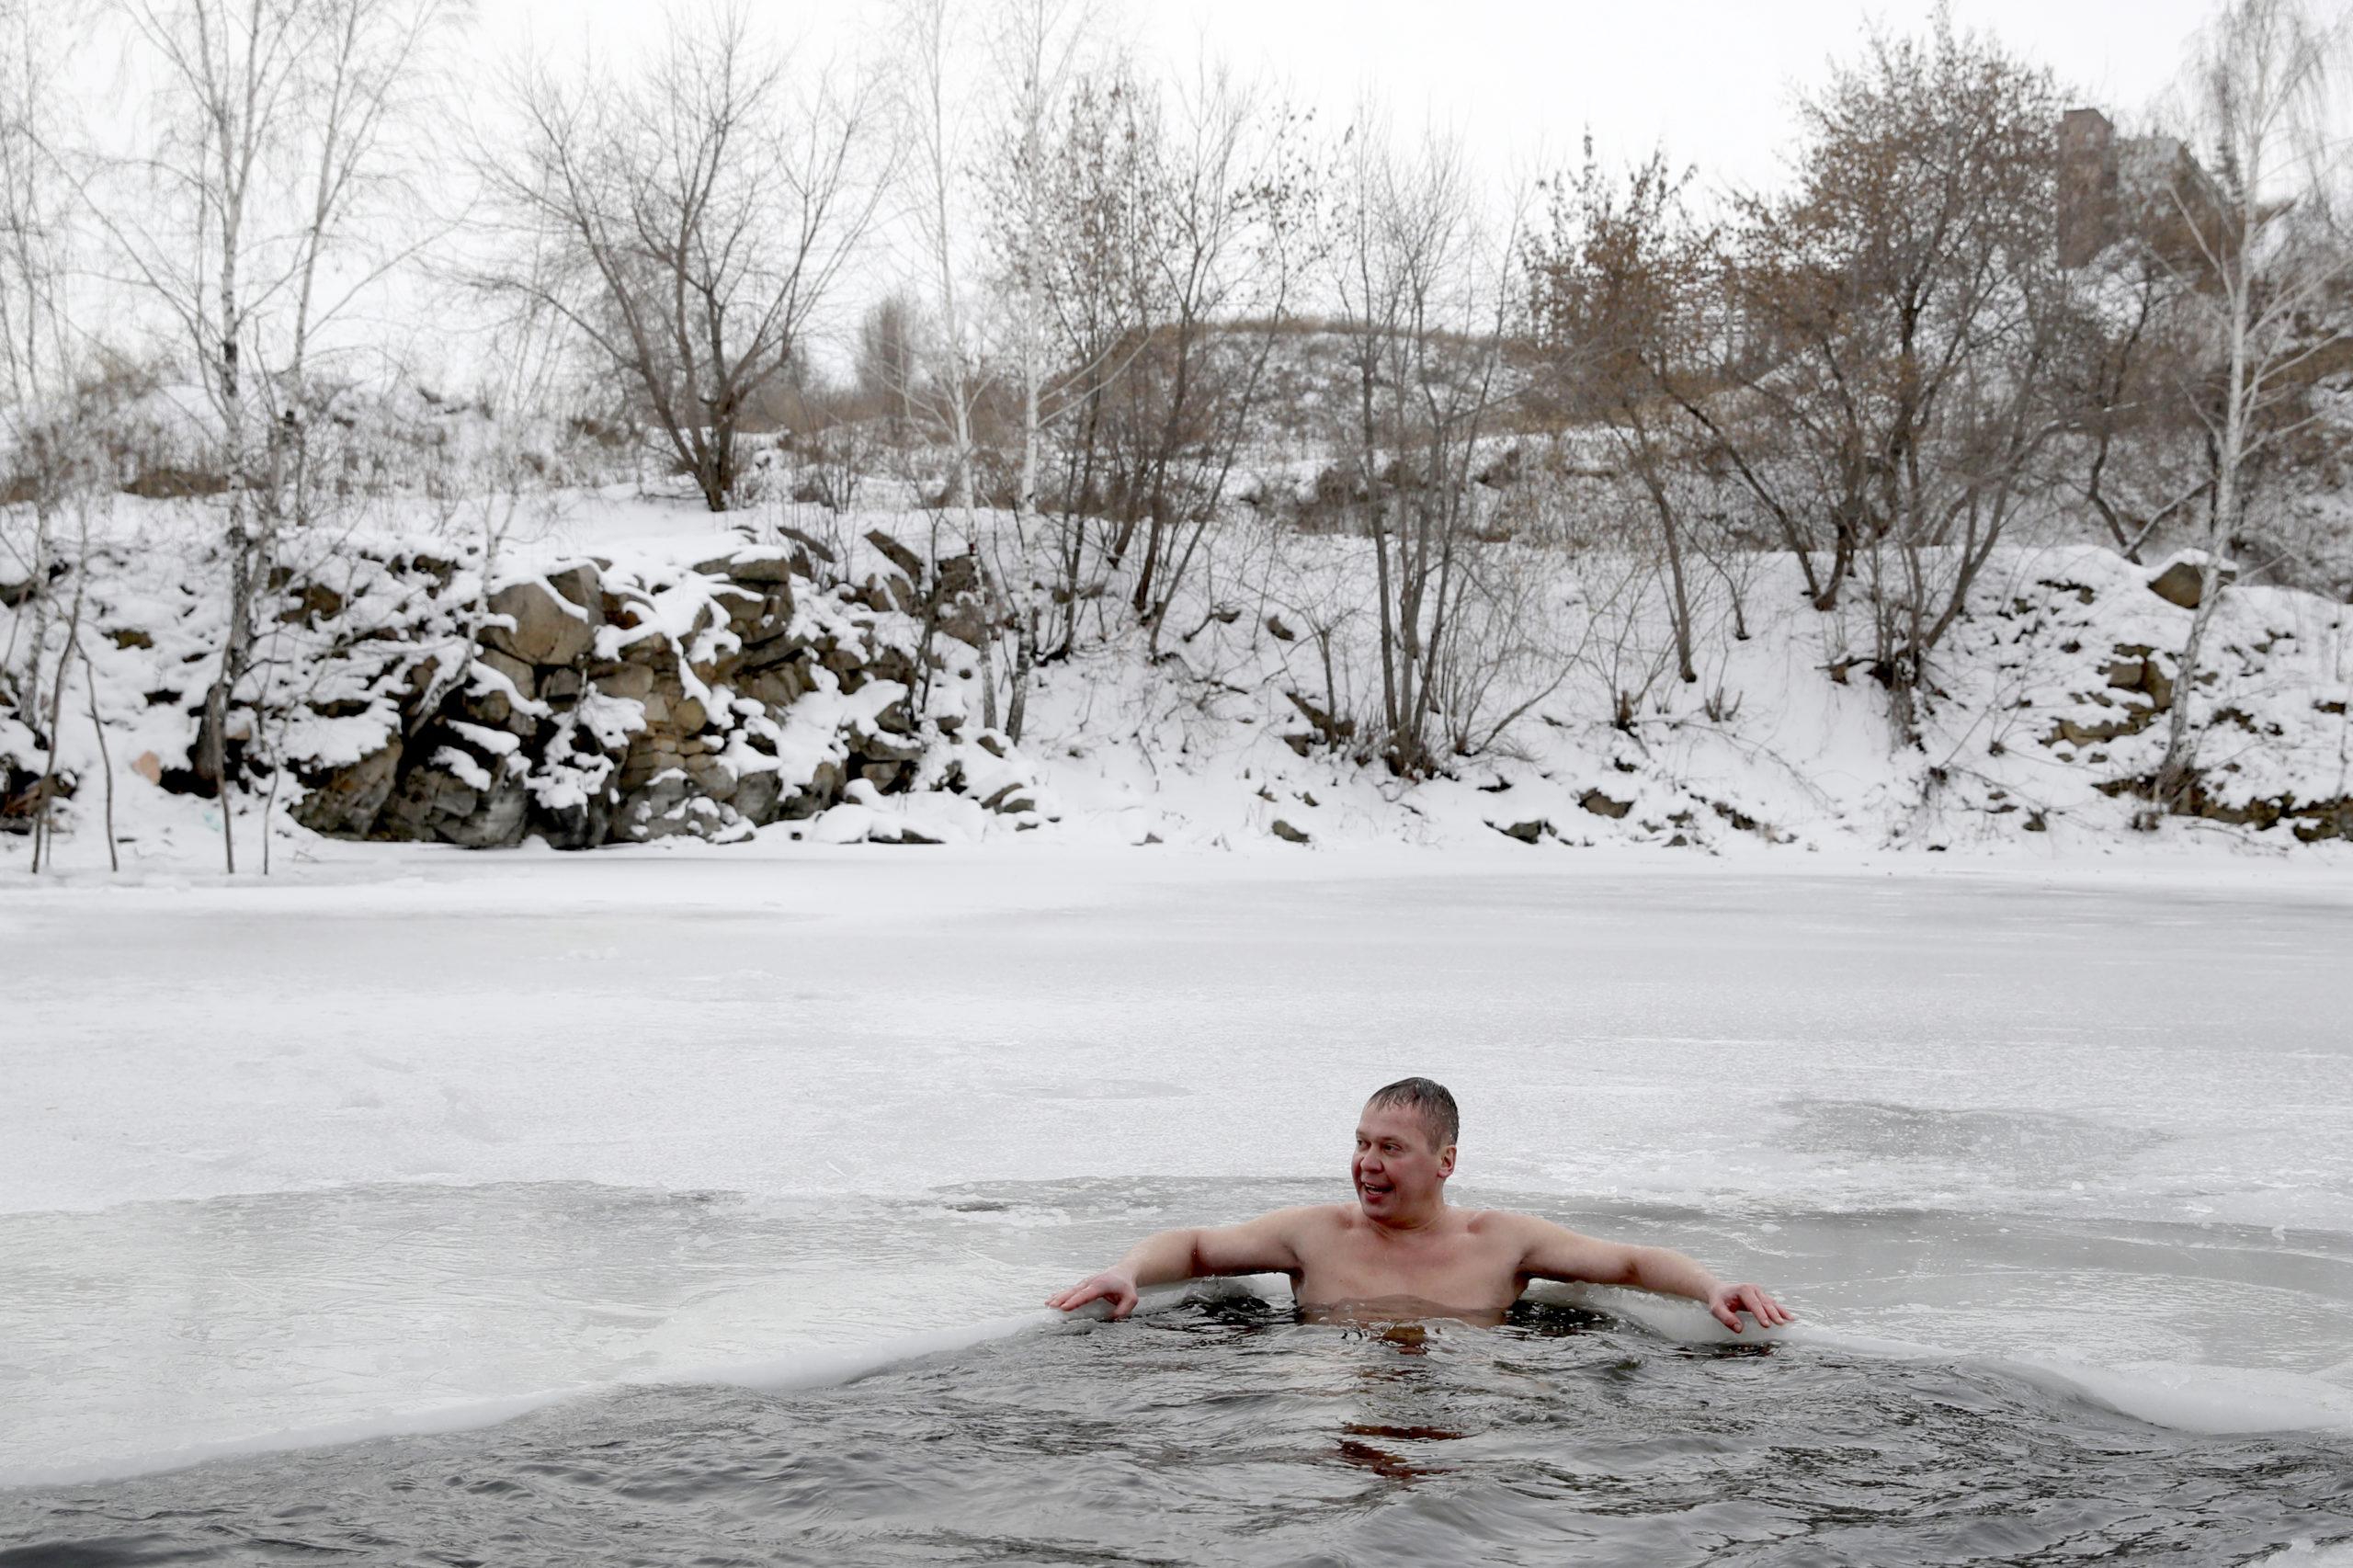 man sitting in hot water spring